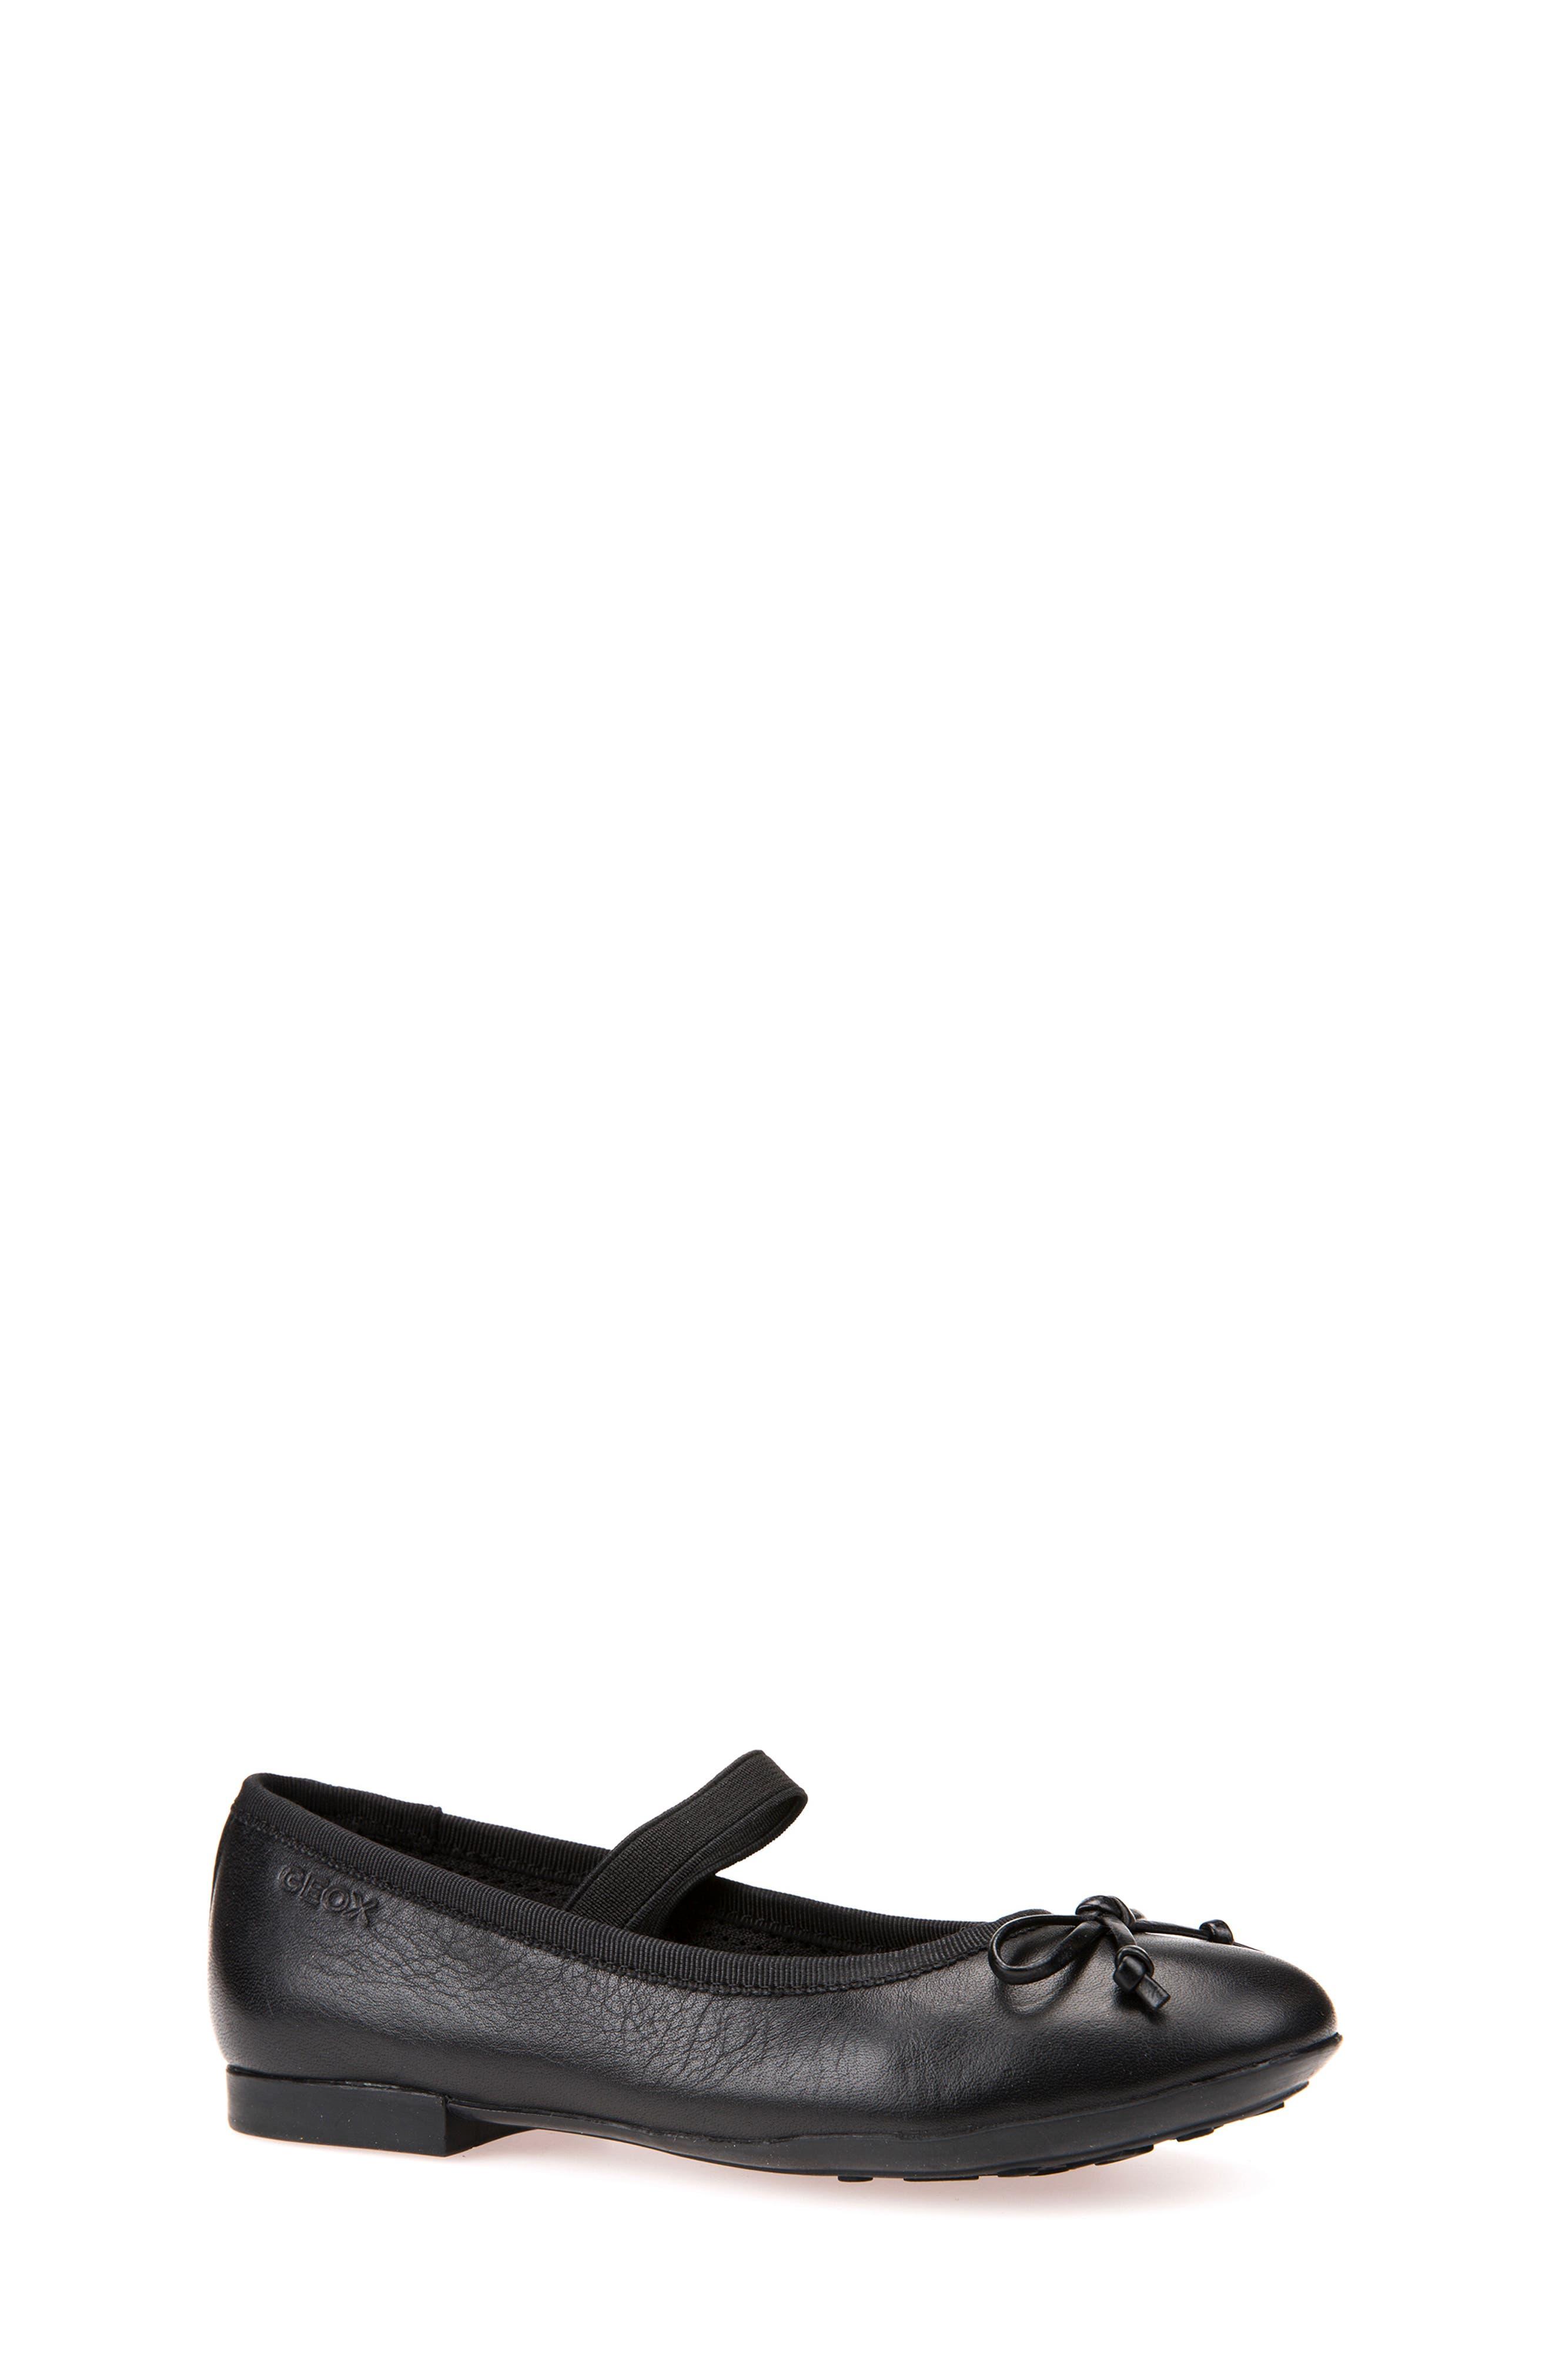 Plie Leather Ballet Flat,                             Main thumbnail 1, color,                             BLACK